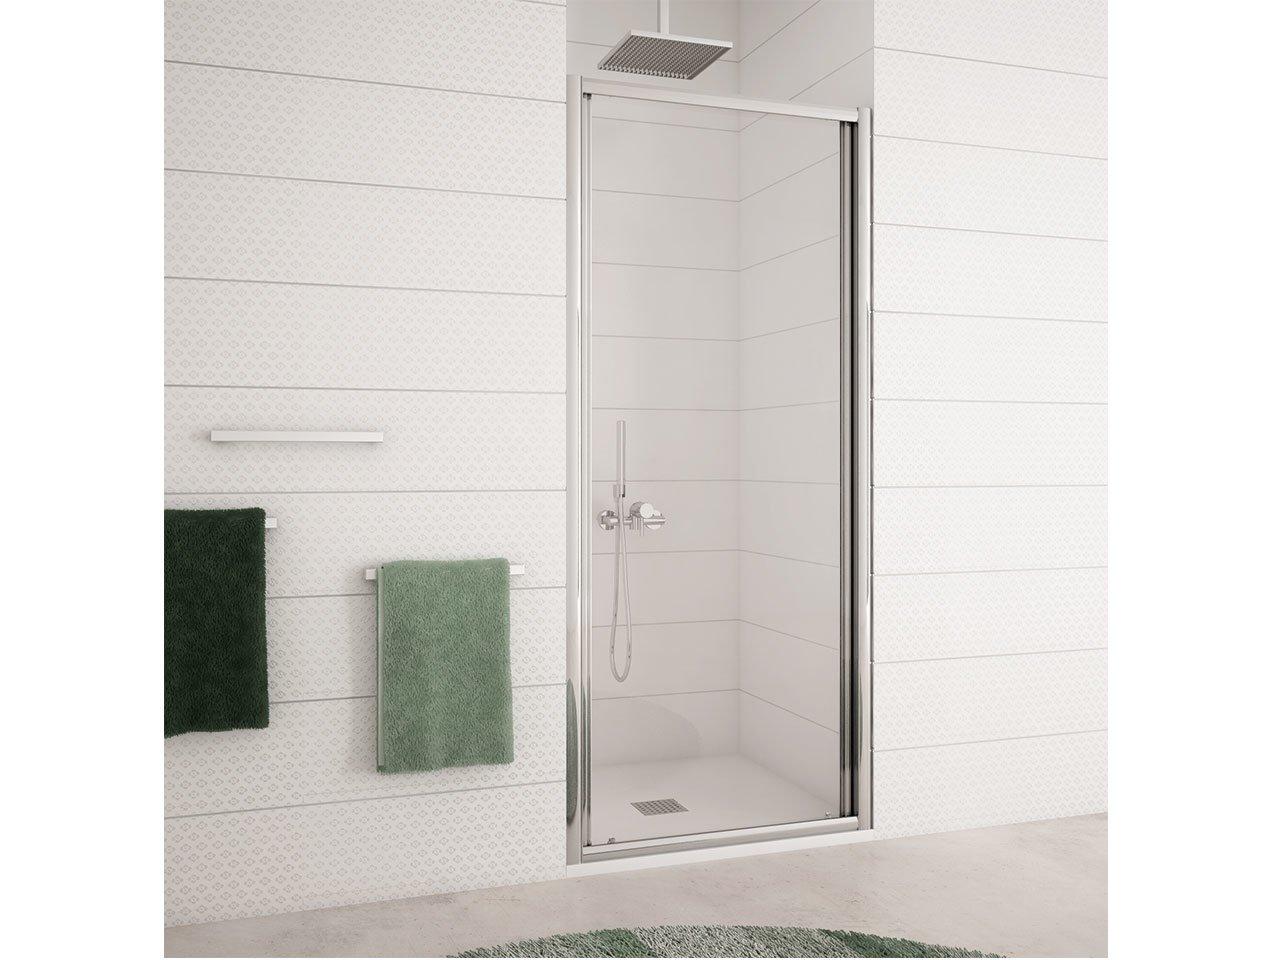 Porte doccia scorrevole e a soffietto - Prezzi e offerte ...